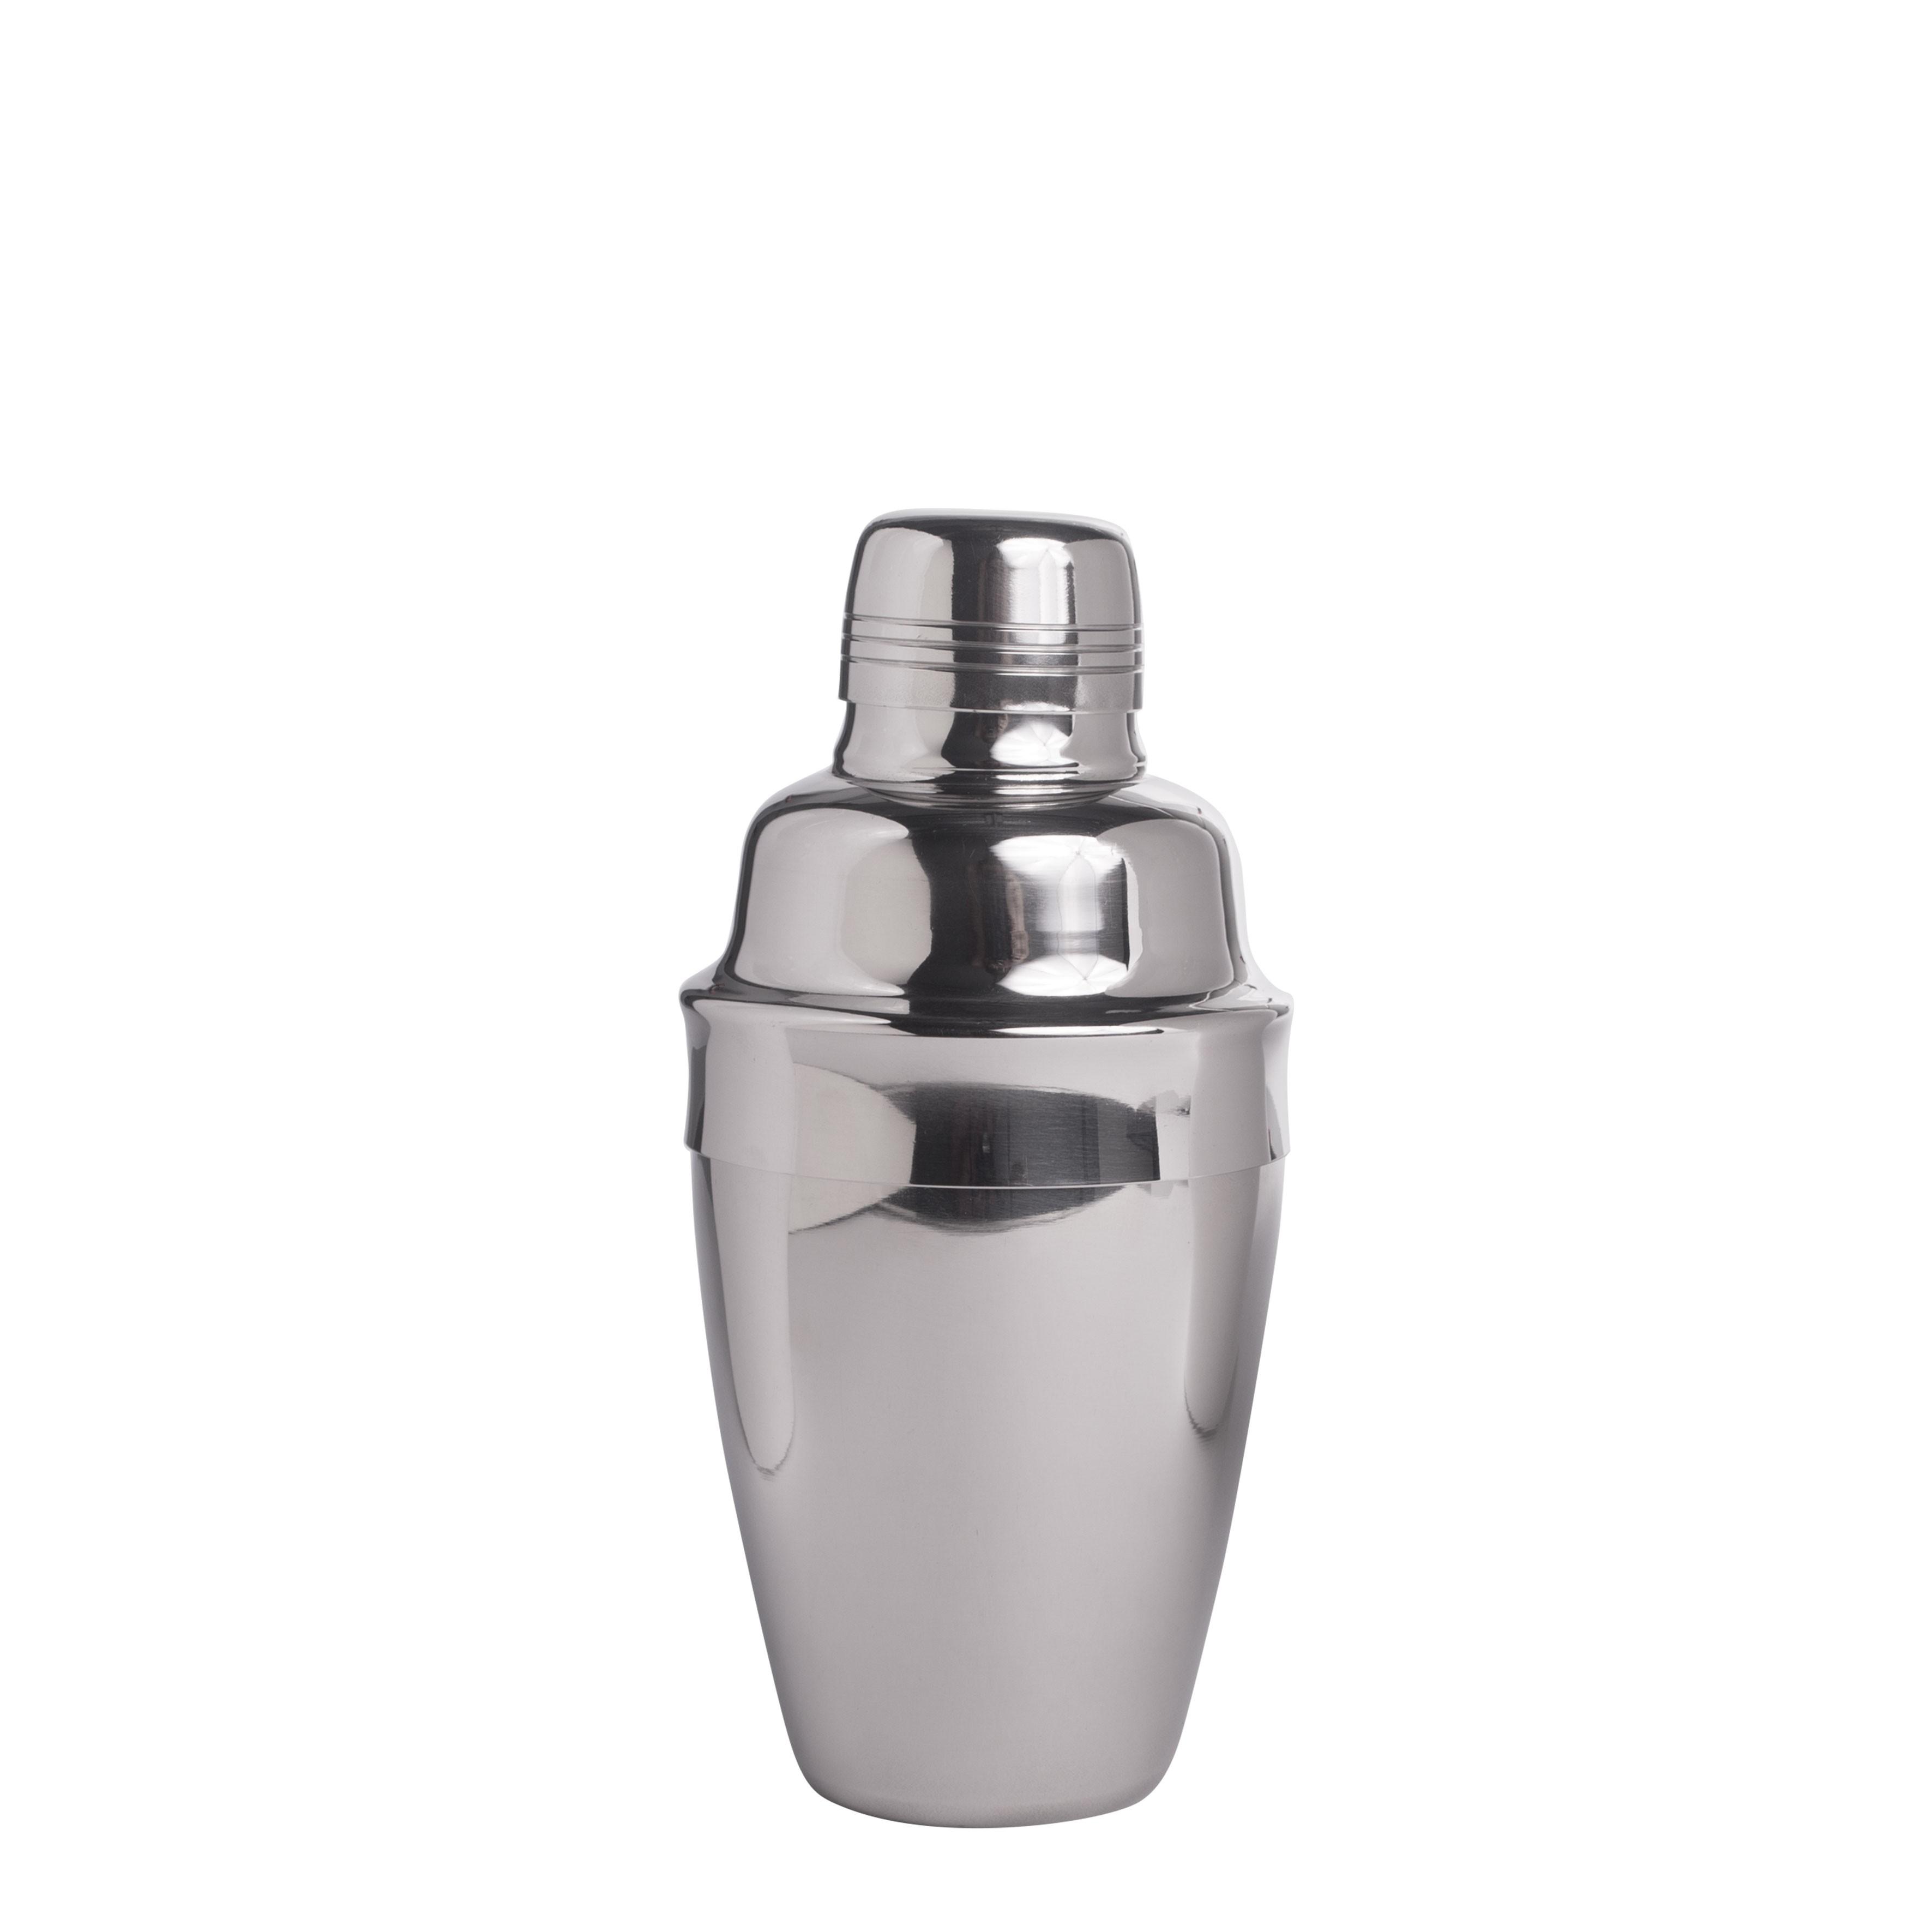 Cocktail Shaker 3pcs. 26cl